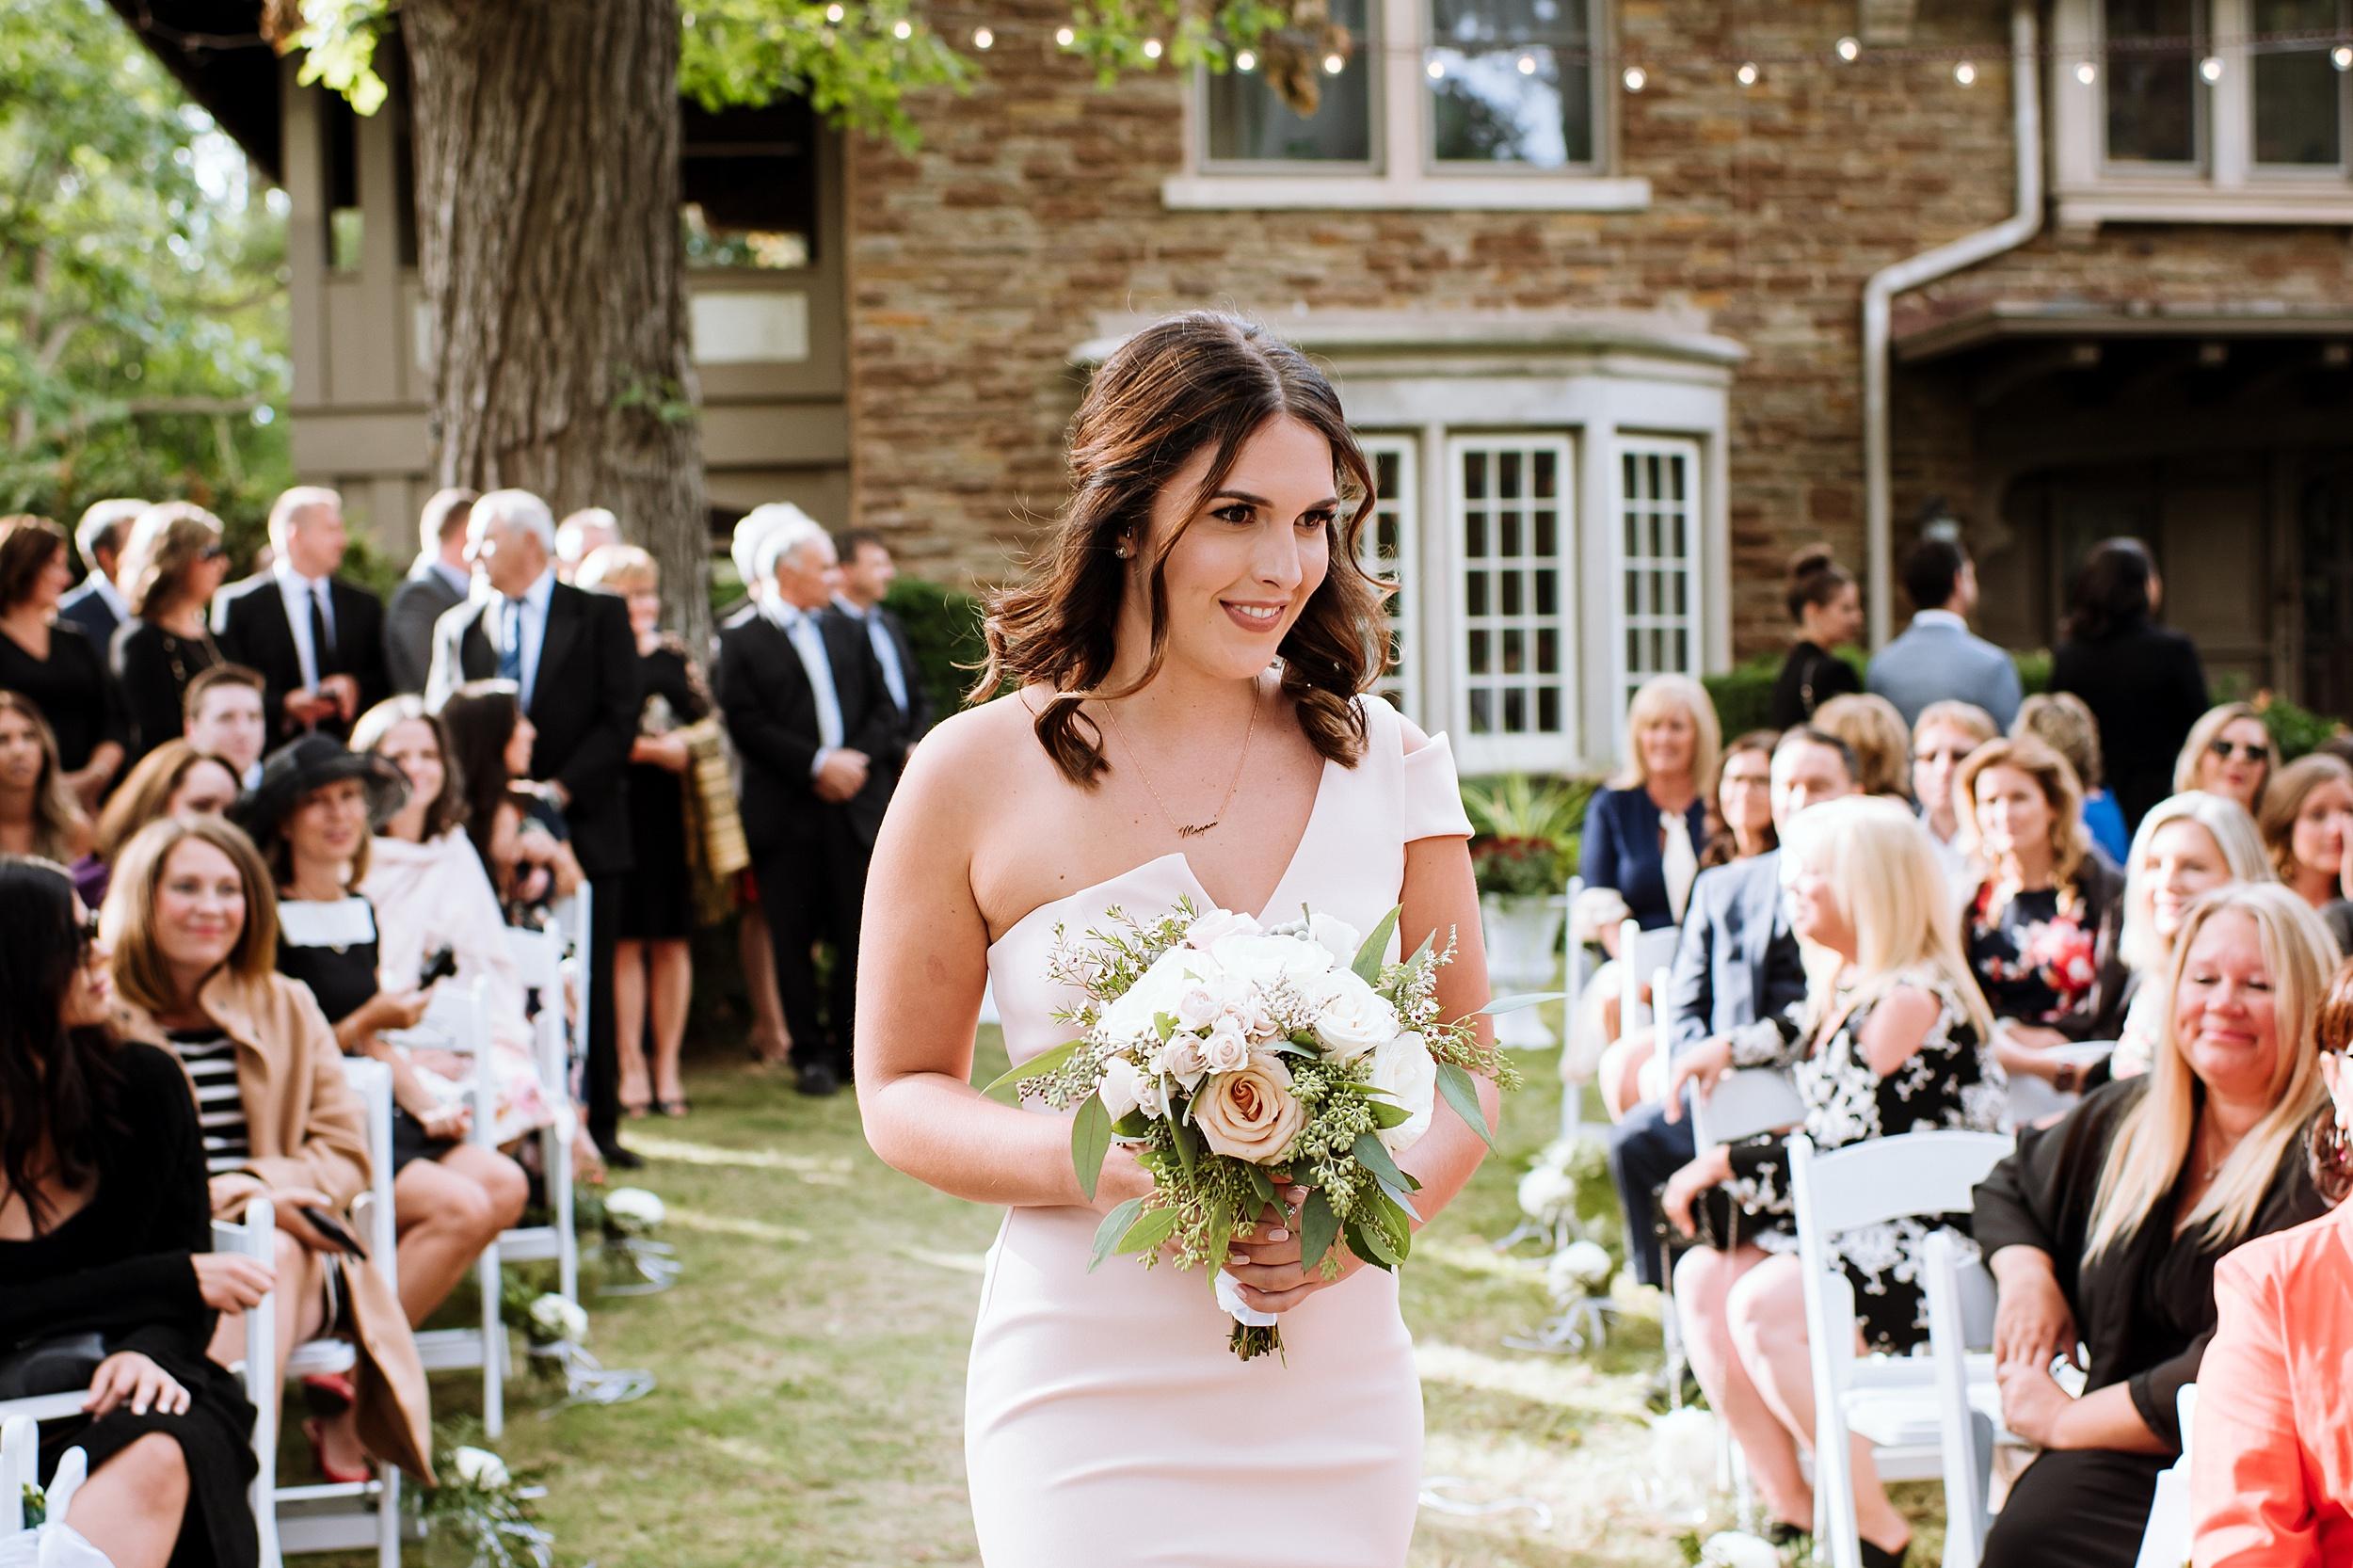 Rustic_Backyard_Wedding_Toronto_Photographer091.jpg